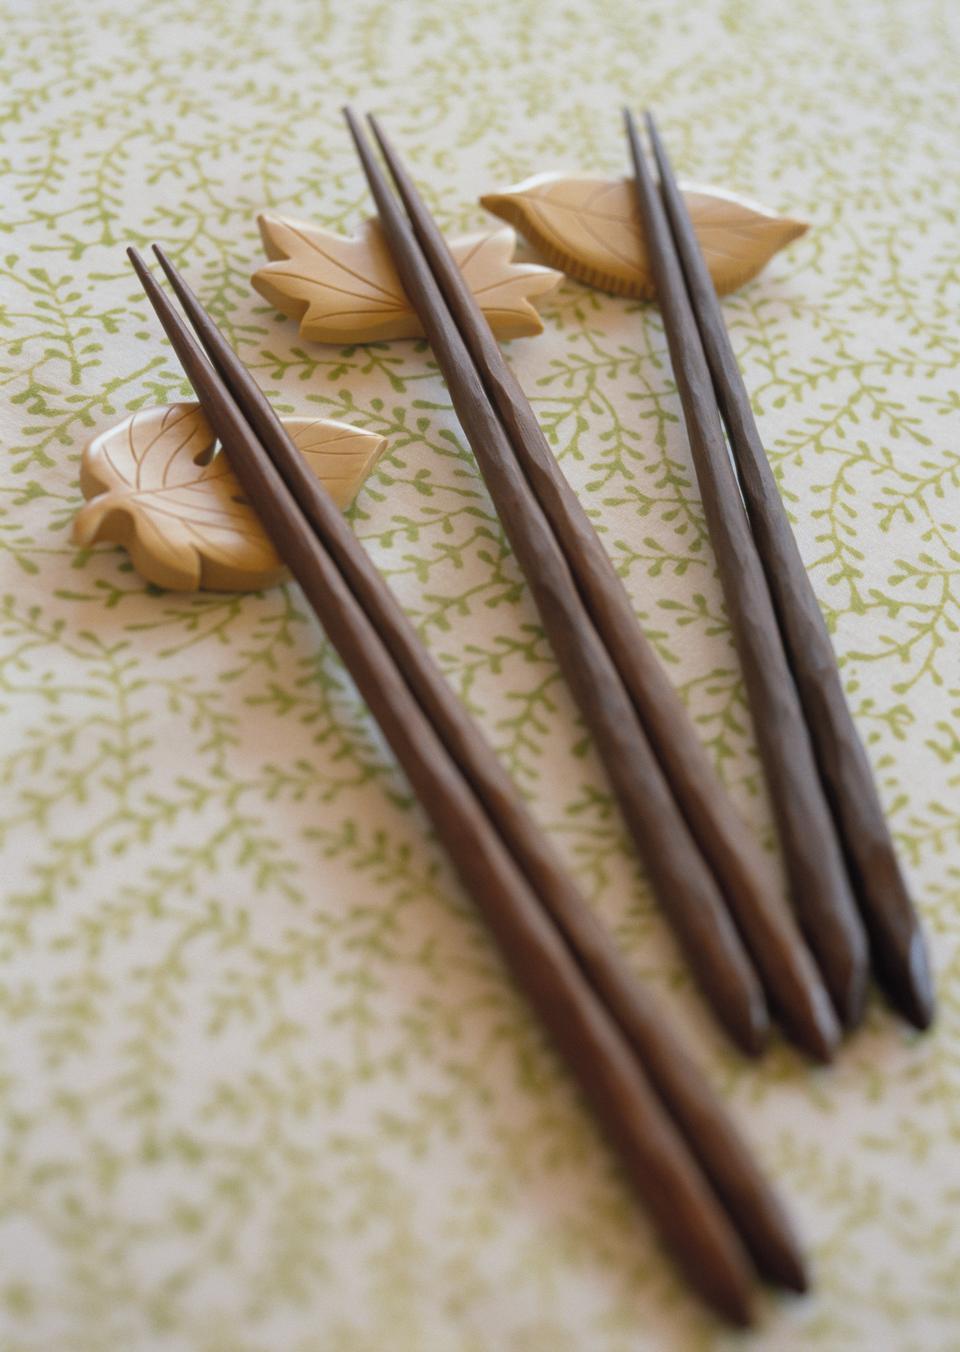 Japanese sushi chopsticks